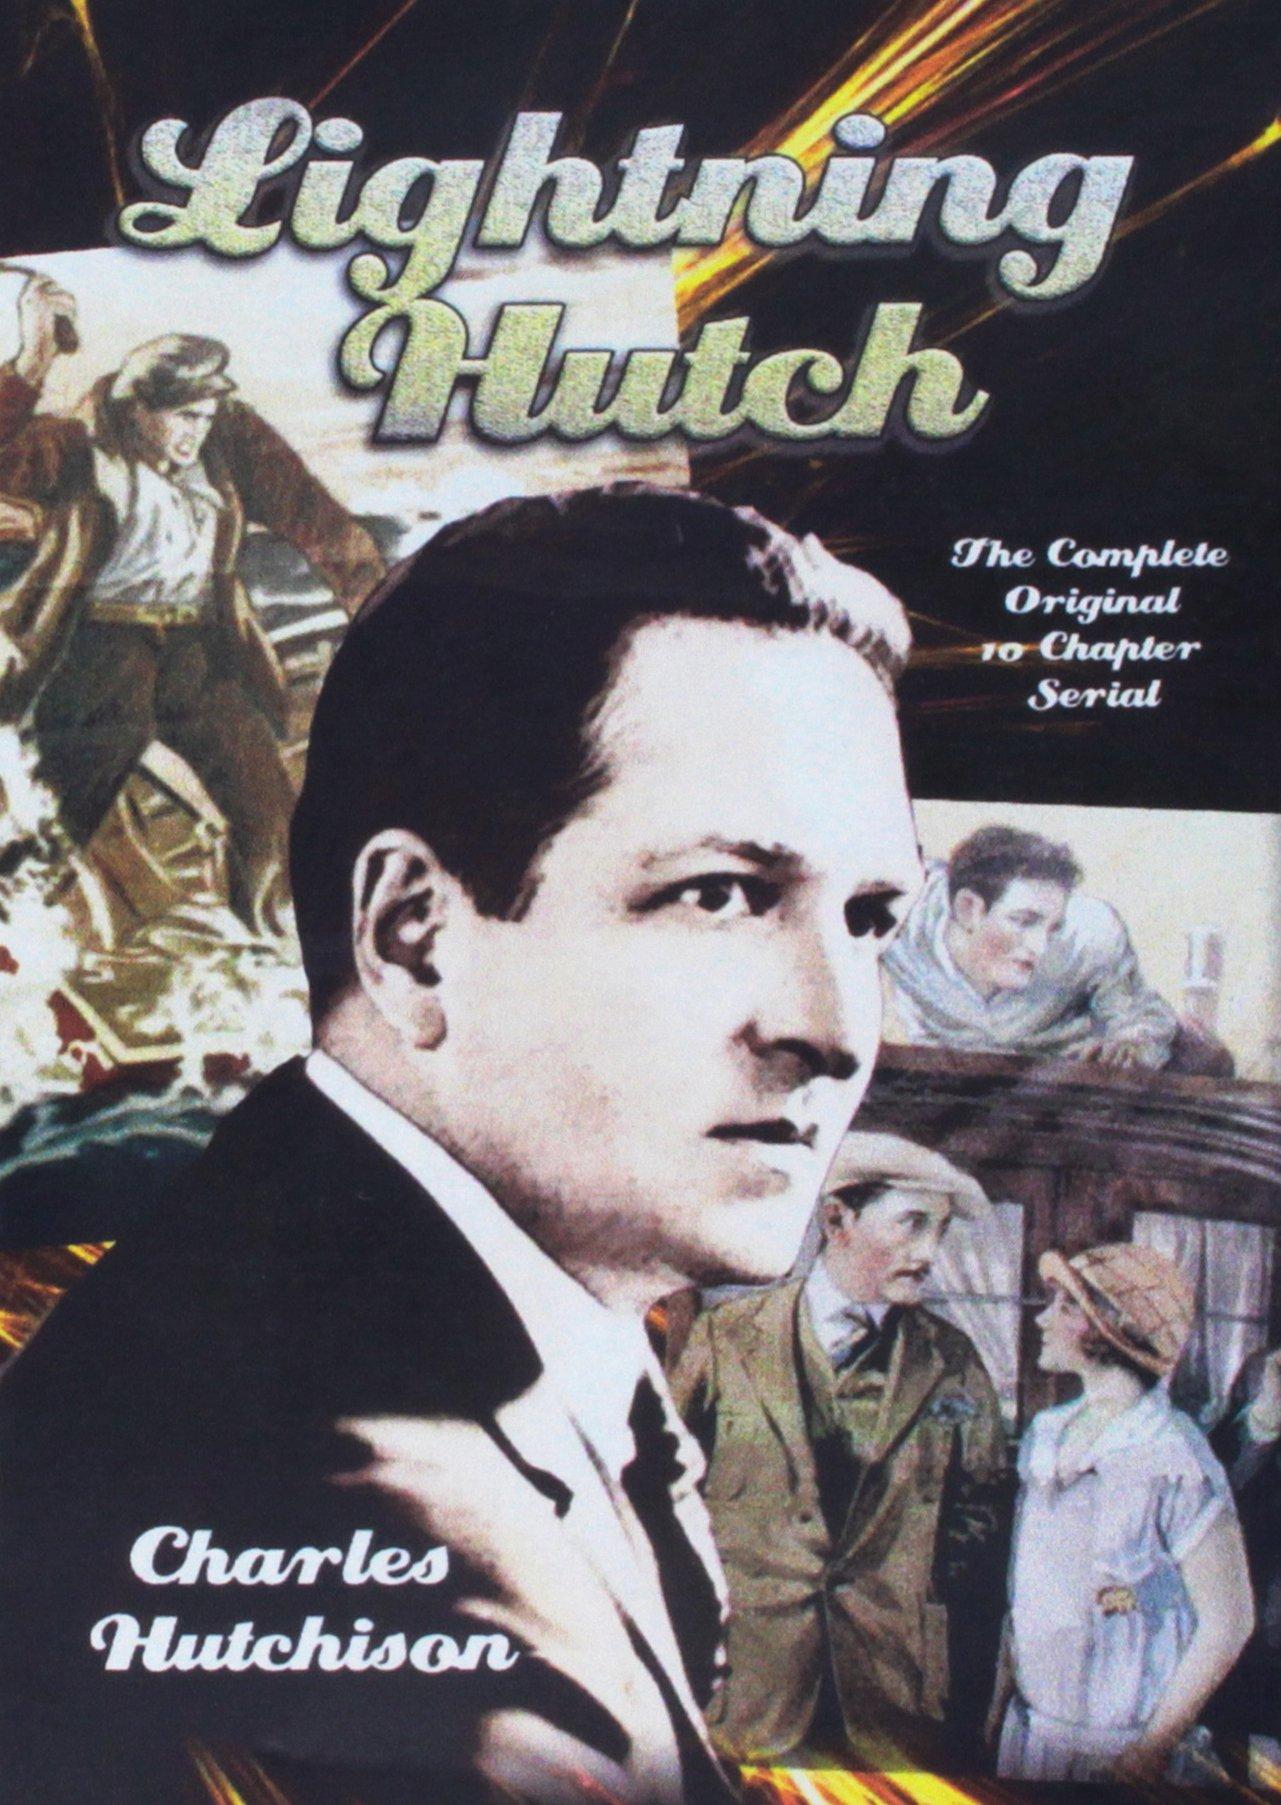 DVD : Lightning Hutch (DVD)